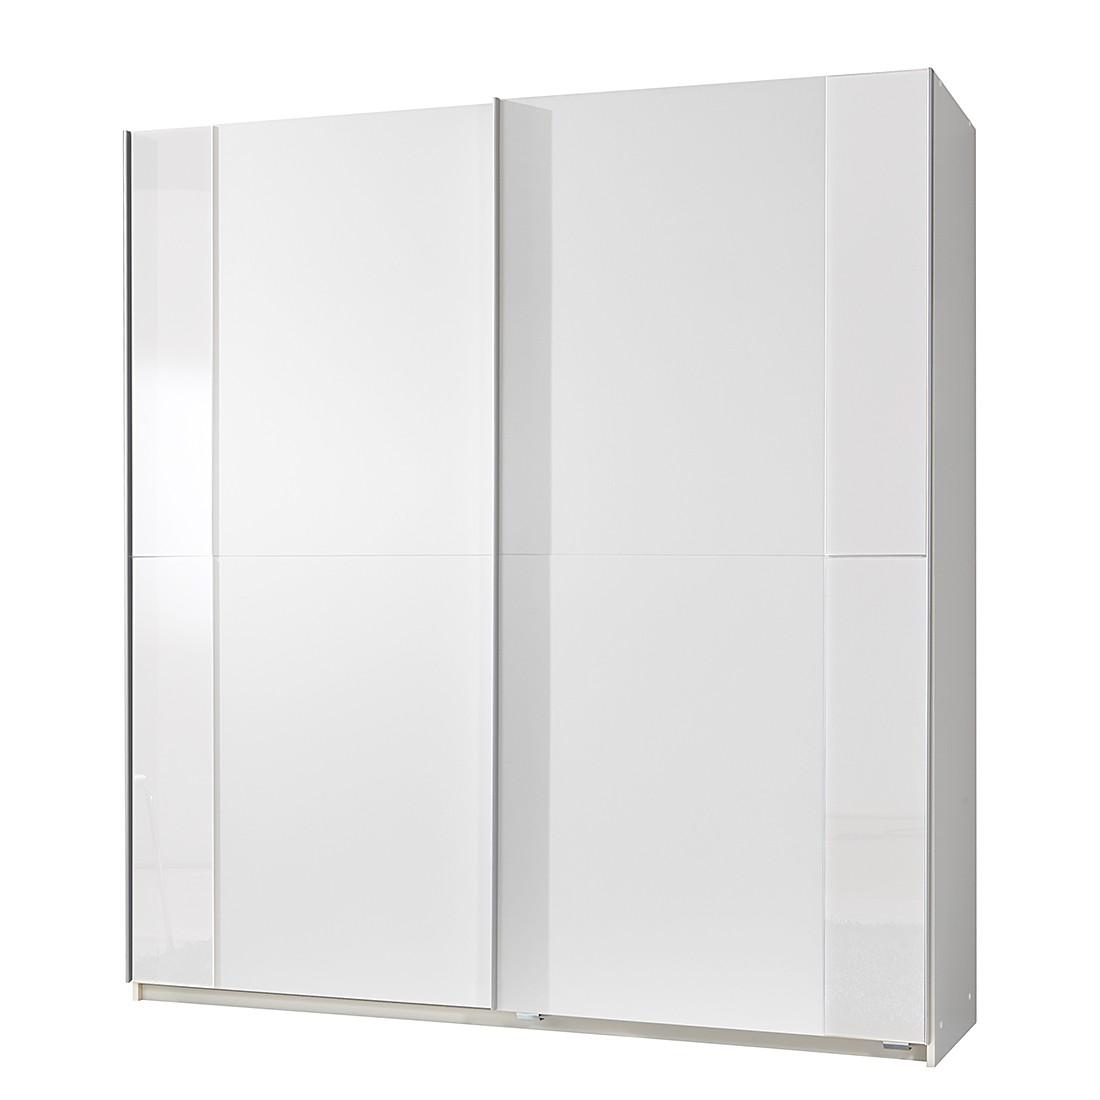 Schwebetürenschrank Avenue – Alpinweiß/Weiß – Schrankbreite: 135 cm – 2-türig, Wimex bestellen